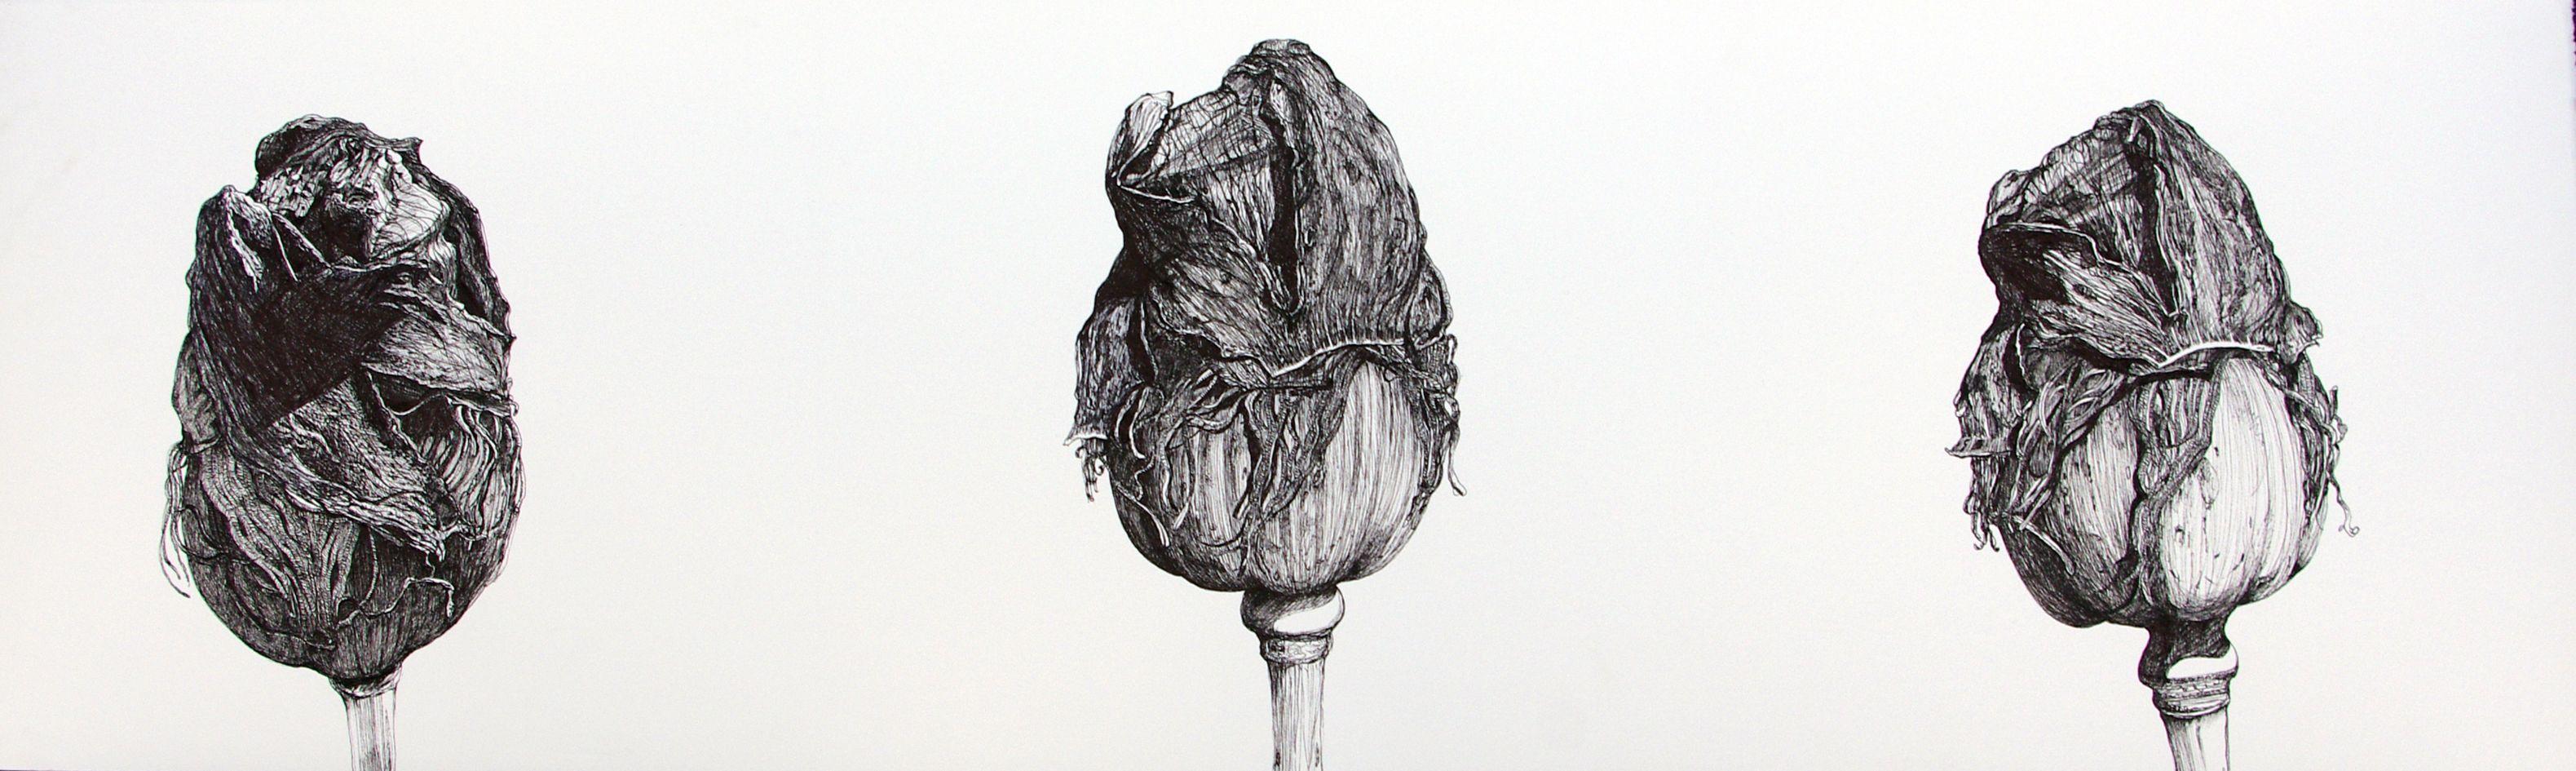 #Inés #González TÍTULO: Adormideras 1 • TÉCNICA: Tinta china sobre papel • TAMAÑO PAPEL/PLANCHA (cms):108x32/108x32 • EDICIÓN: Pieza única • http://www.a-cuadros.com/artistas/artista/208